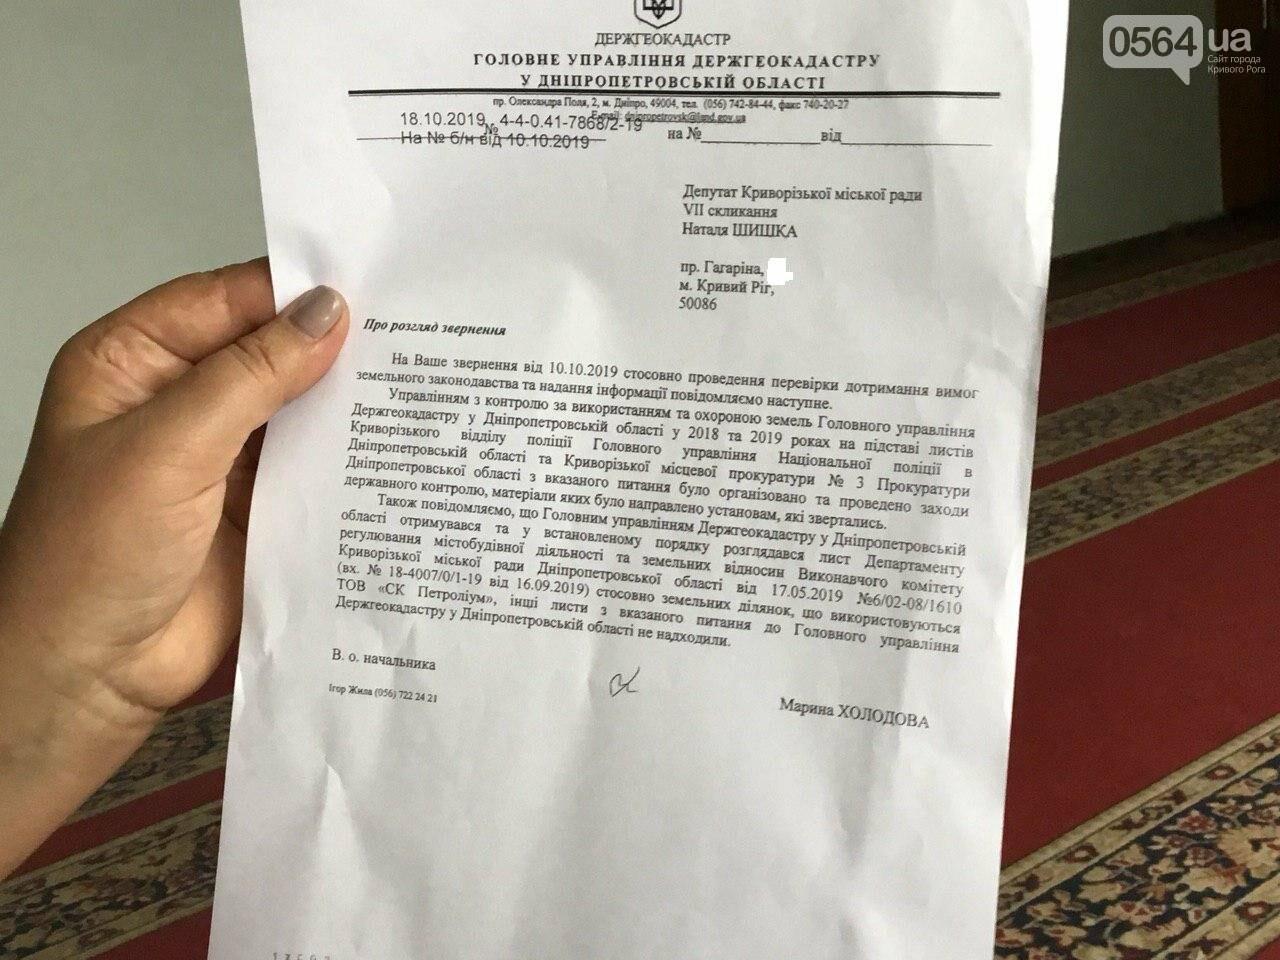 Депутат: в центре Кривого Рога 15 лет незаконно используют участок земли, - ФОТО, ВИДЕО, фото-3